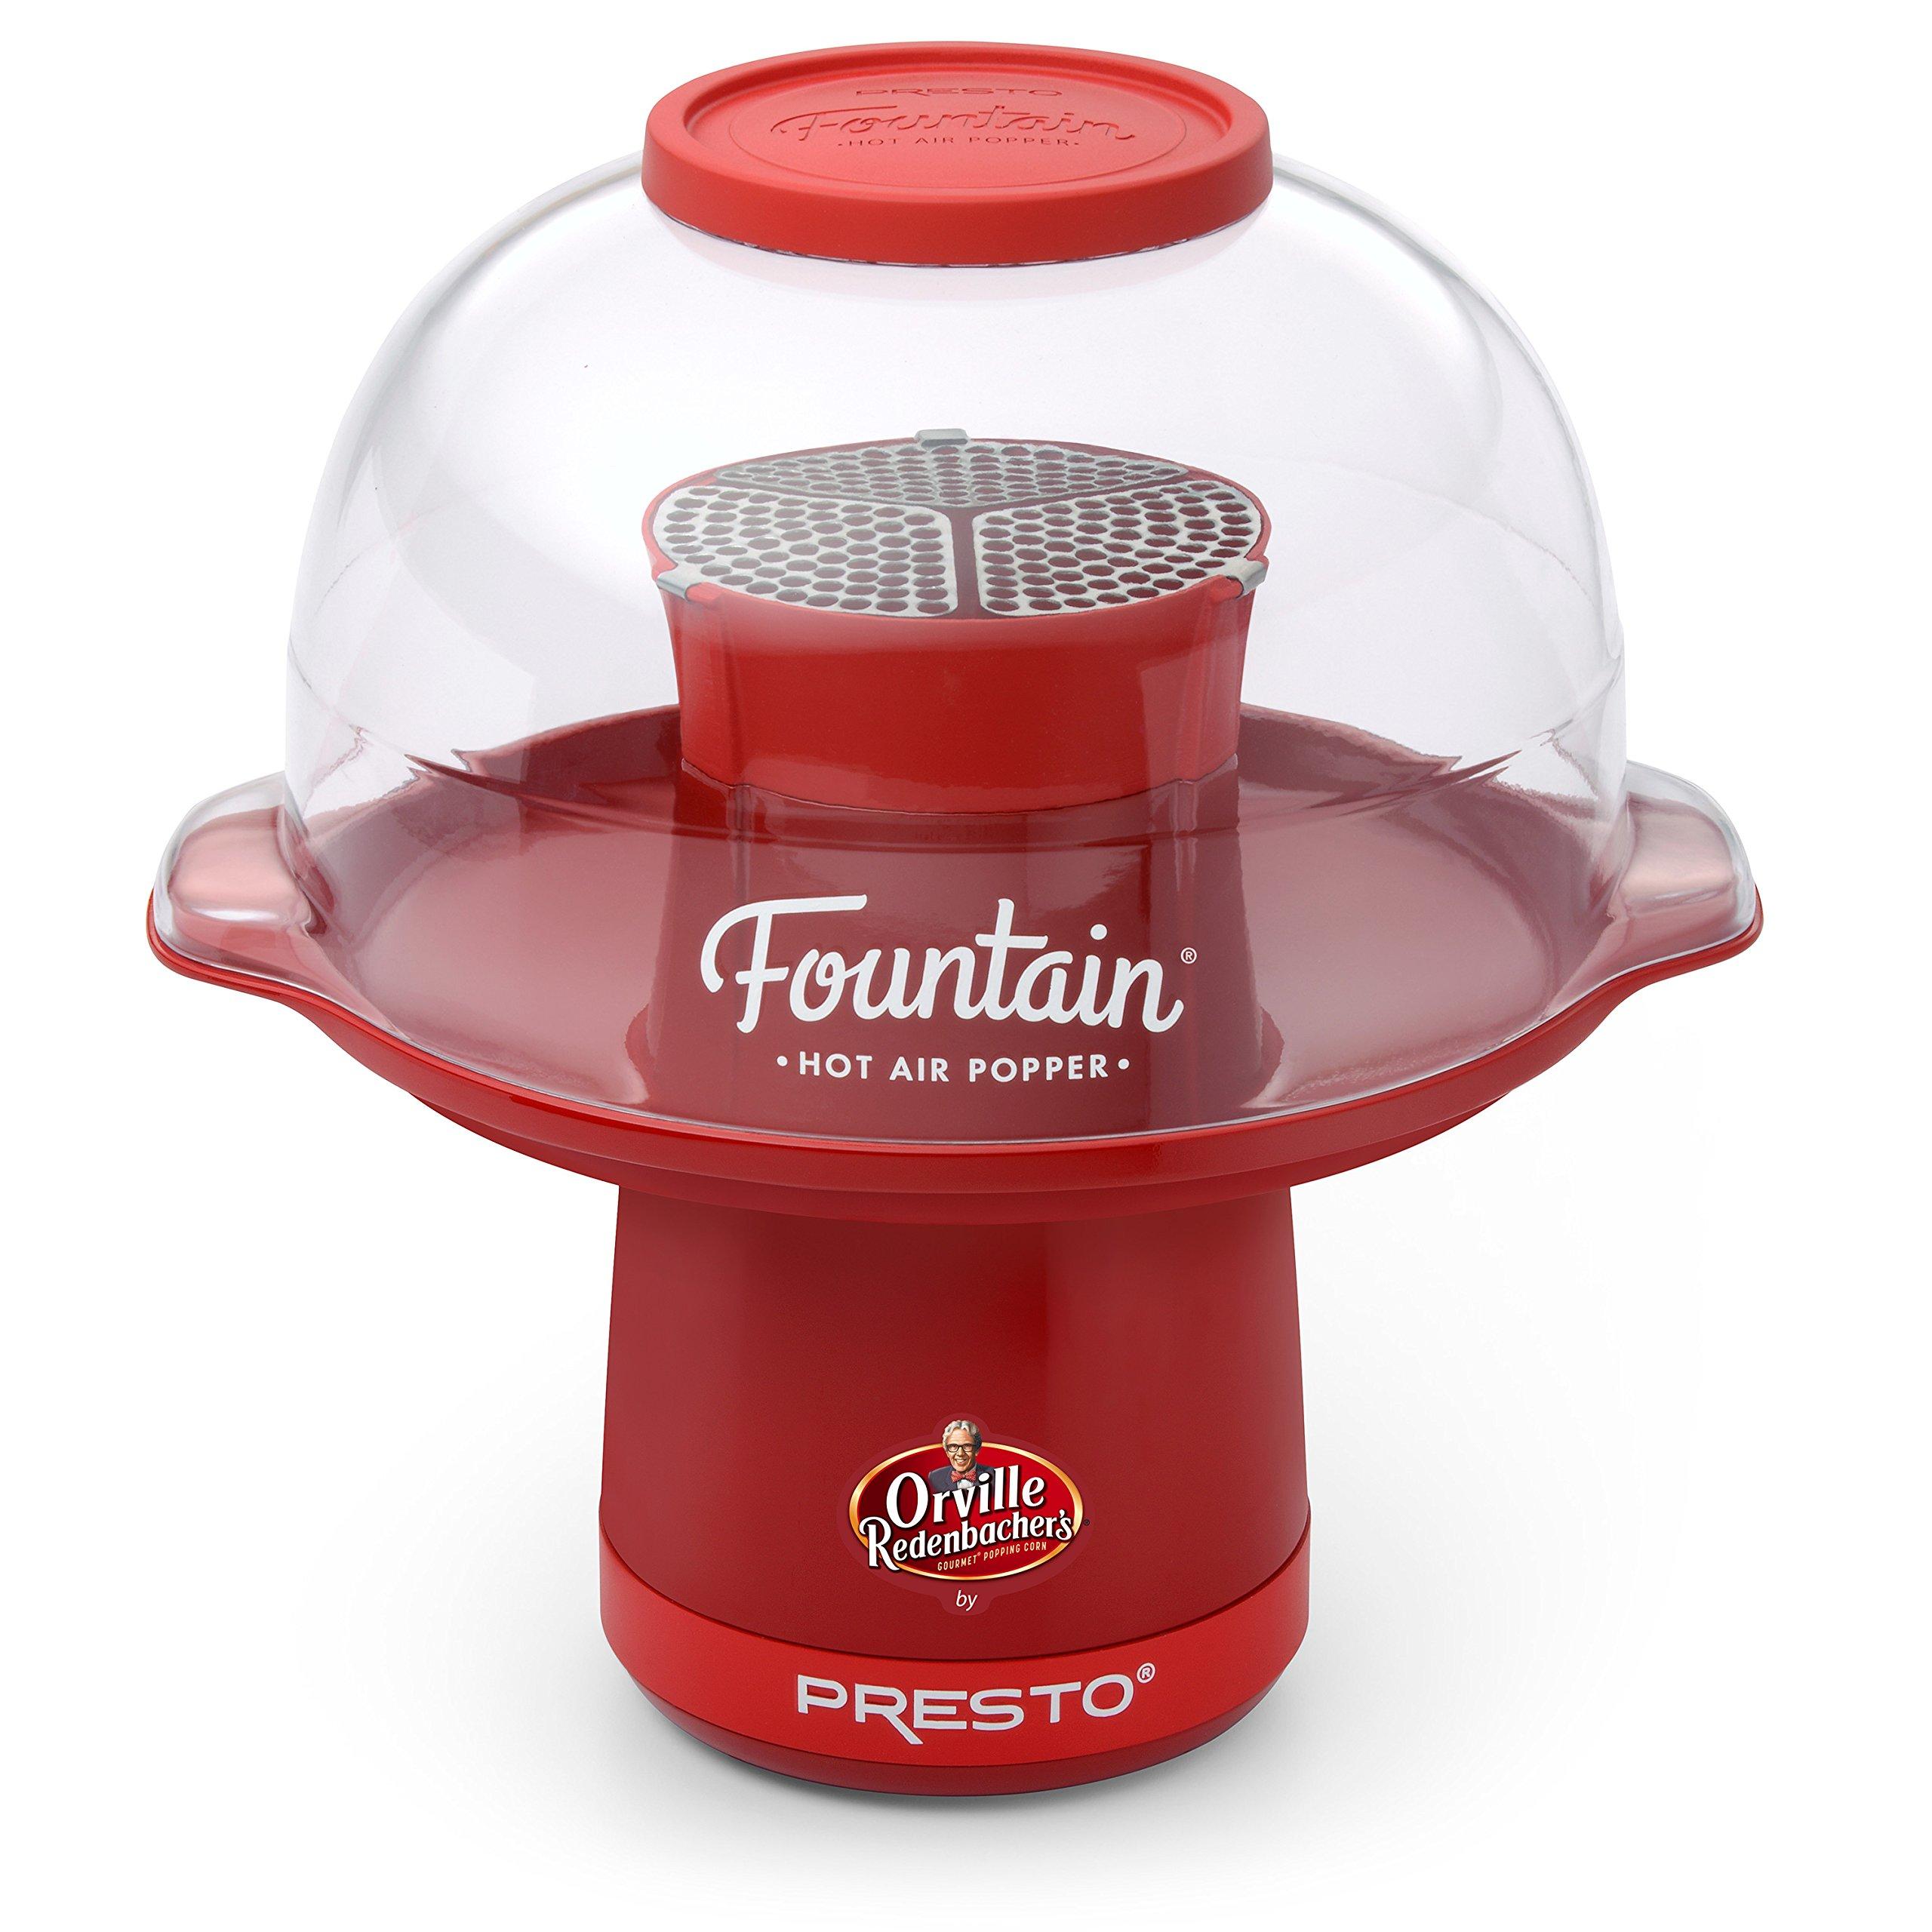 Presto 04868 Orville Redenbacher's Fountain Hot Air Popper by Presto, Red by Presto